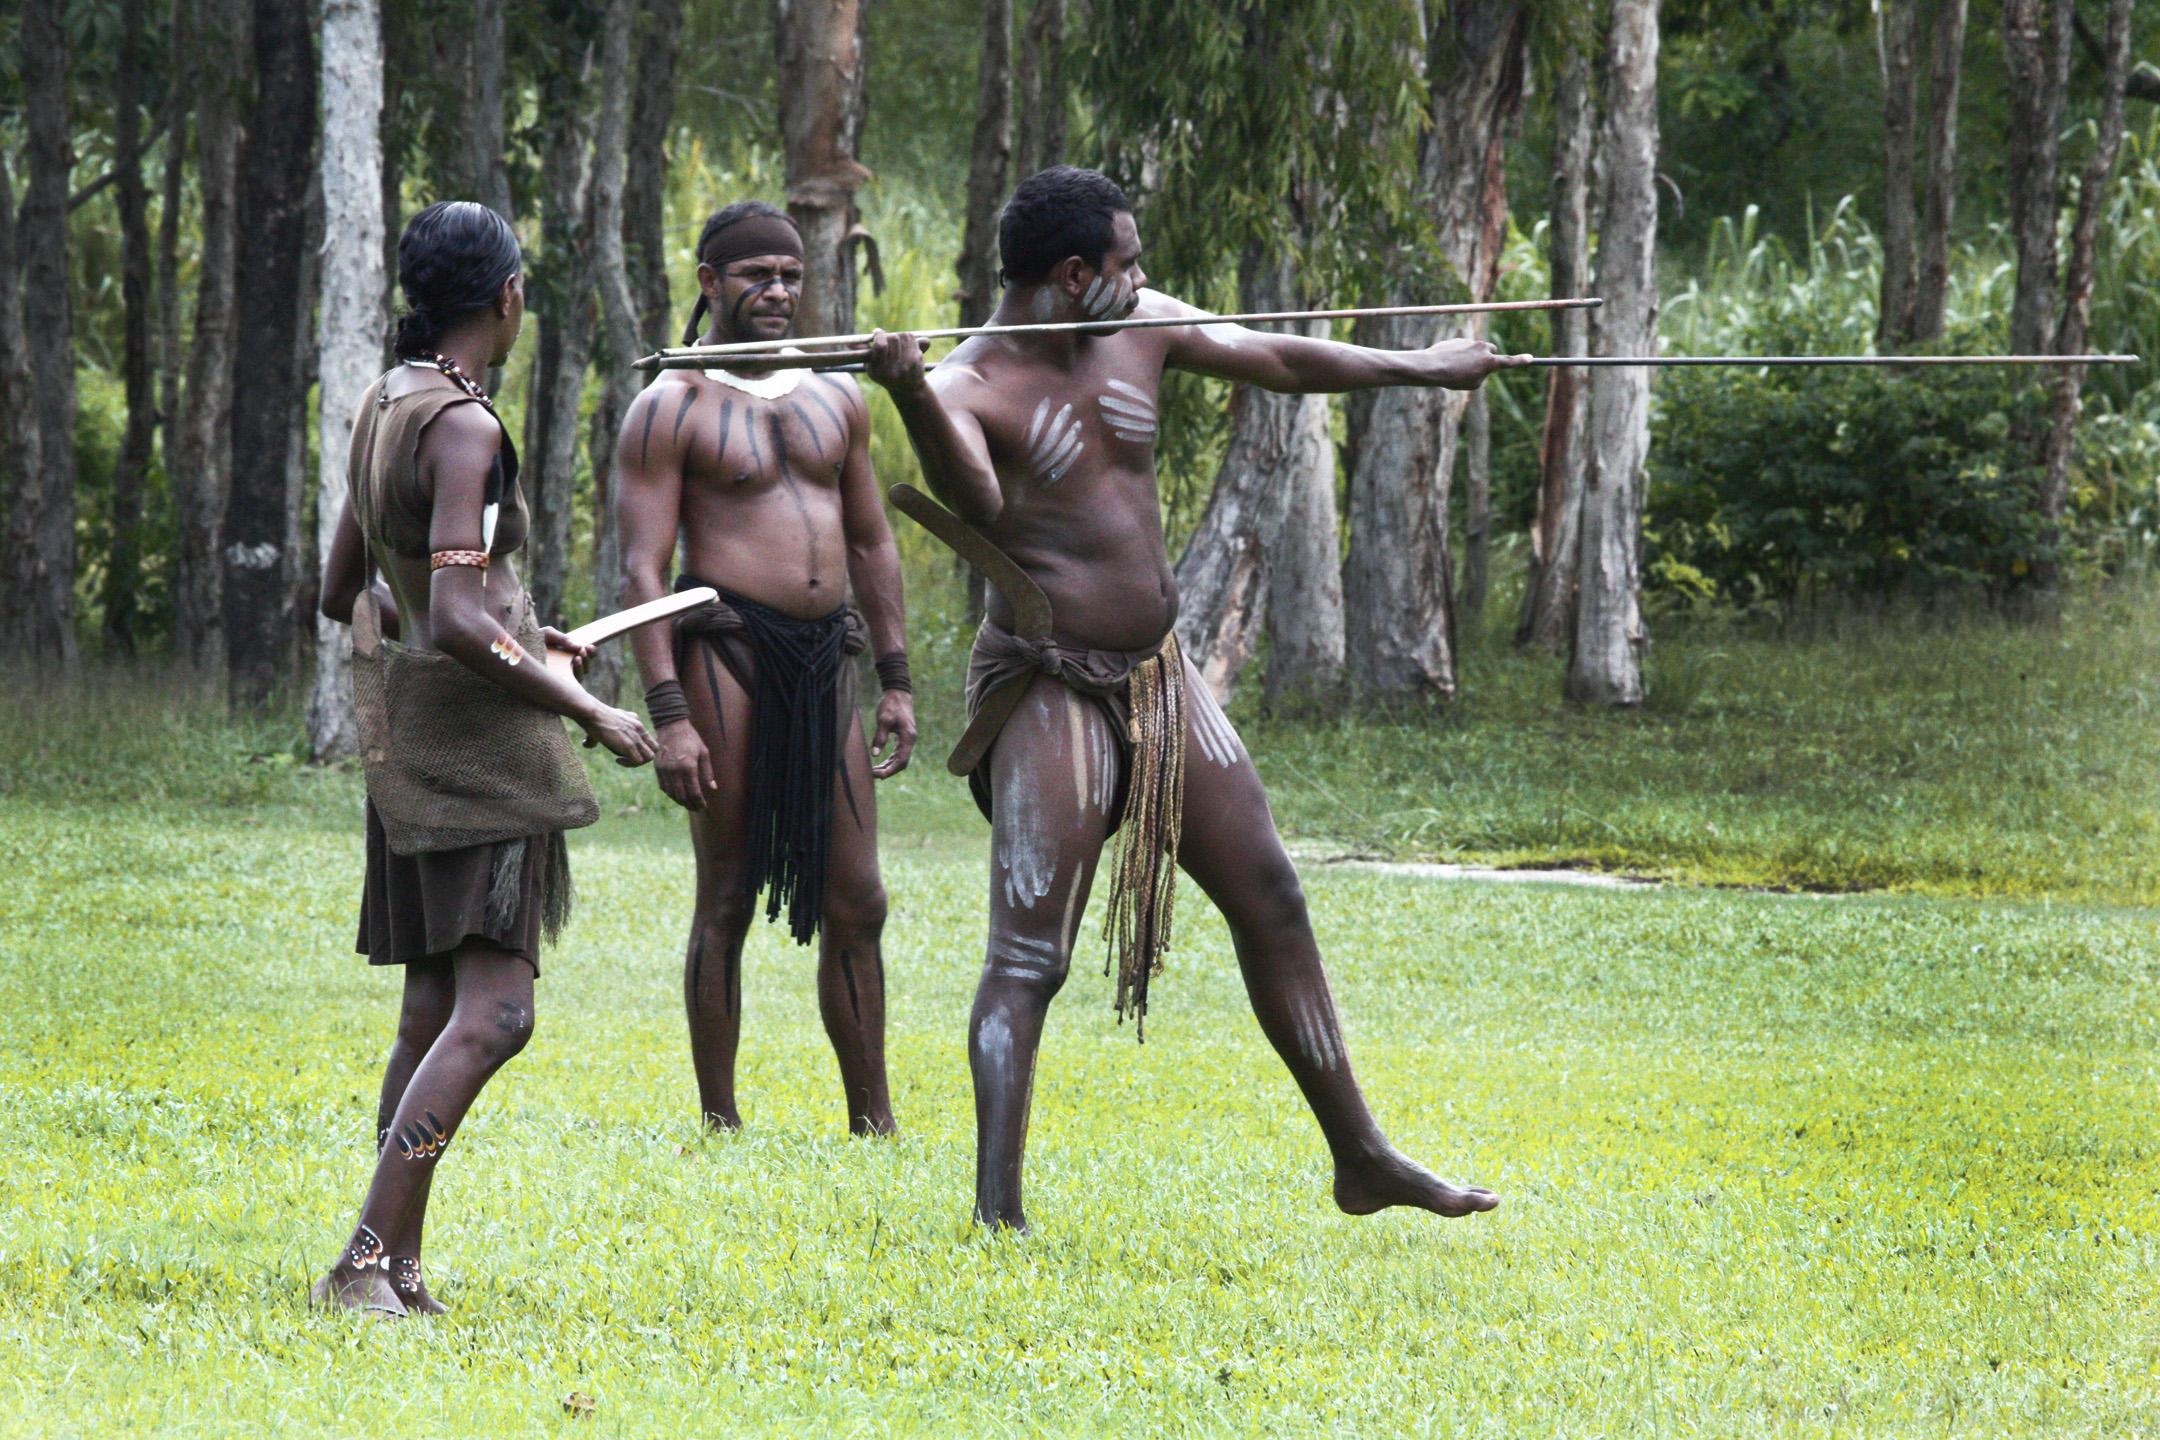 Download this Australia Aboriginal Culture picture